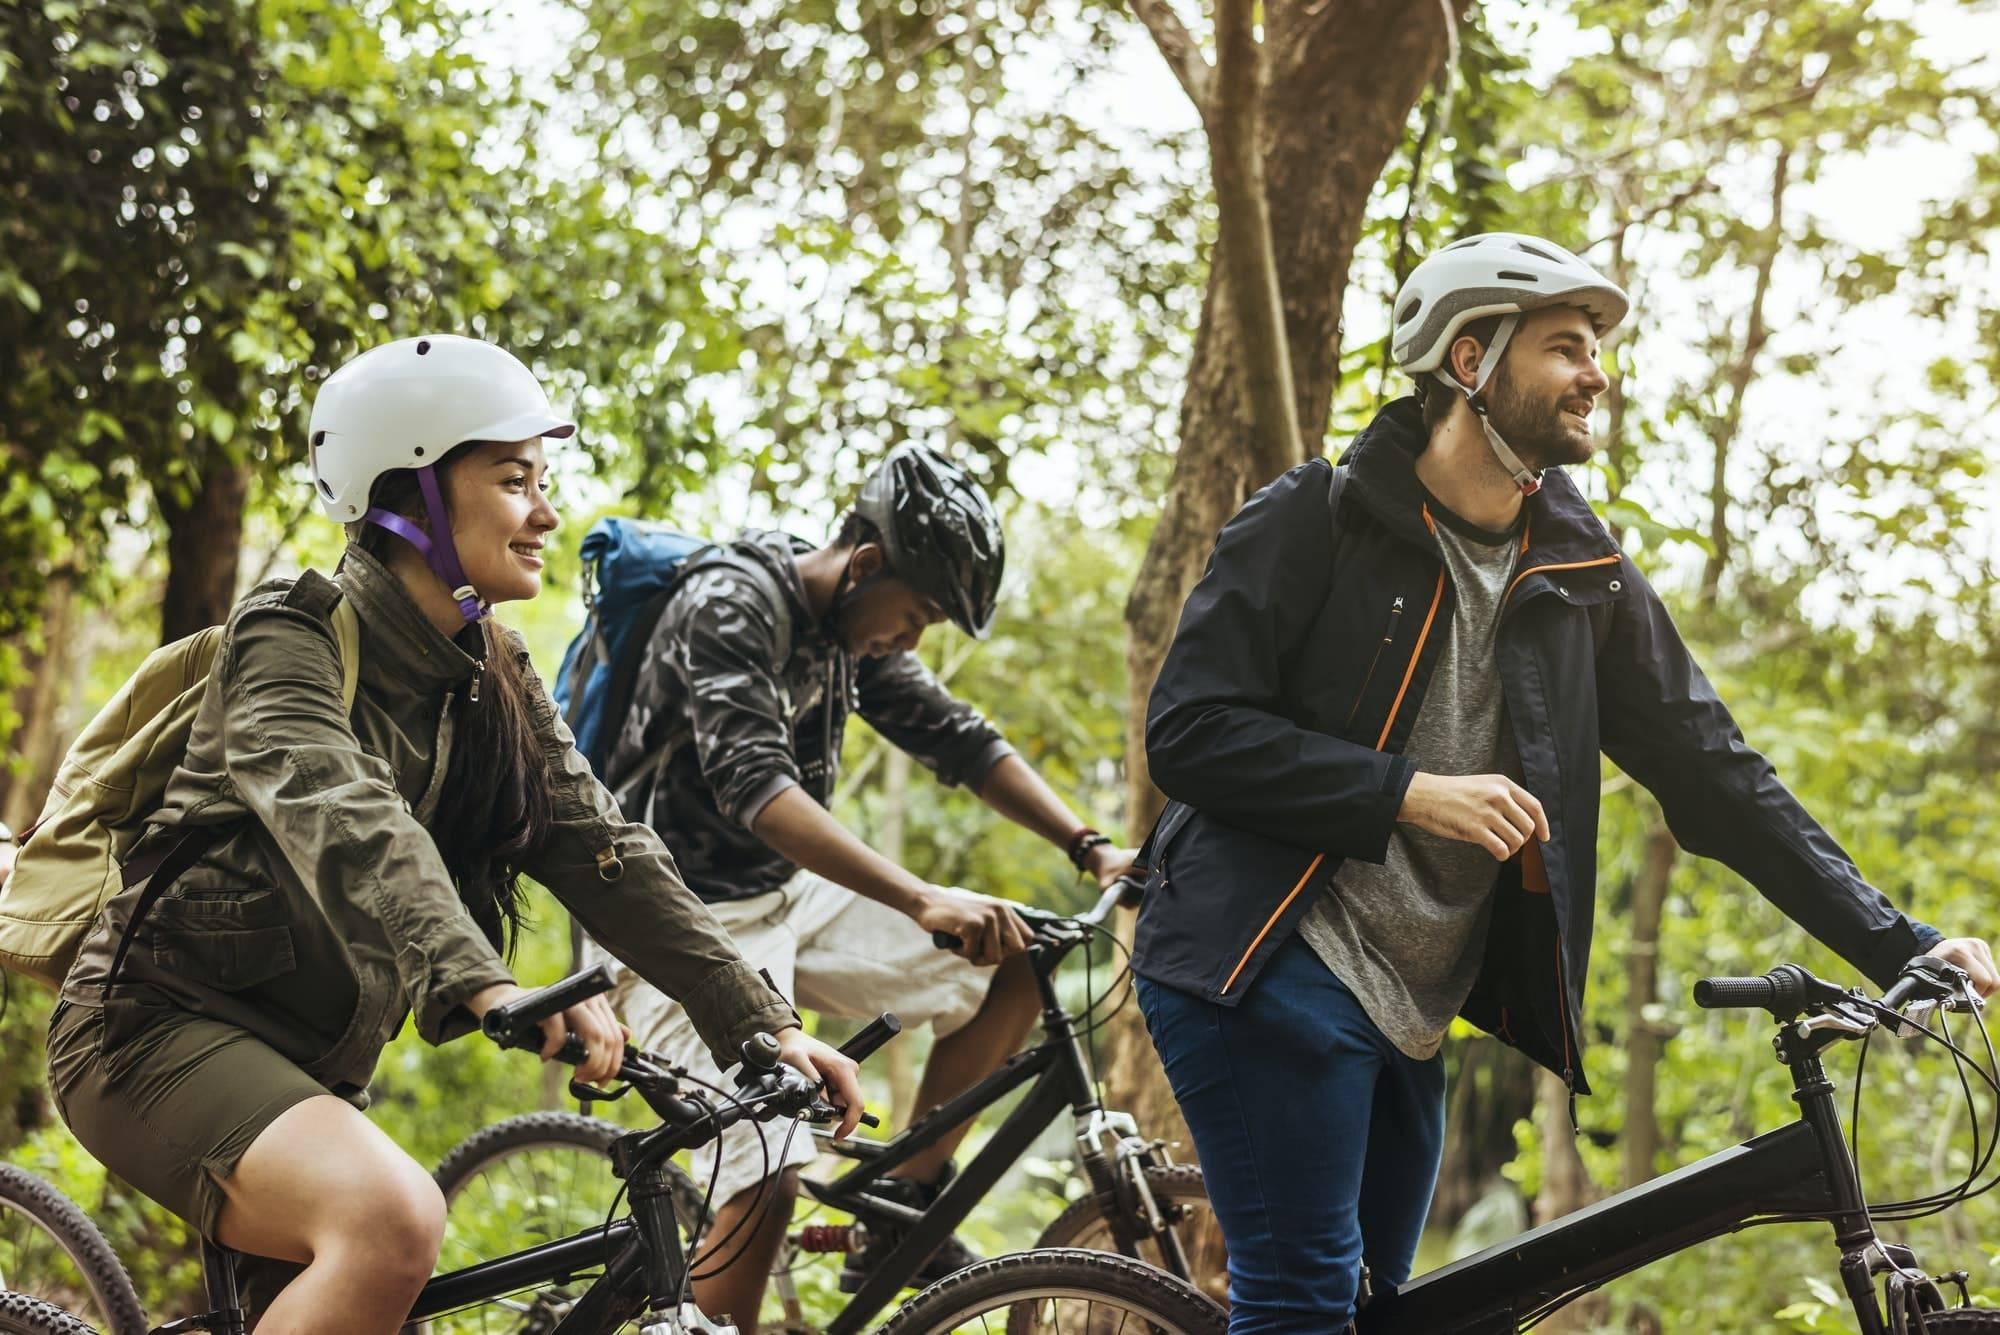 Gruppe von Freunden mit dem Mountainbike im Wald zusammen